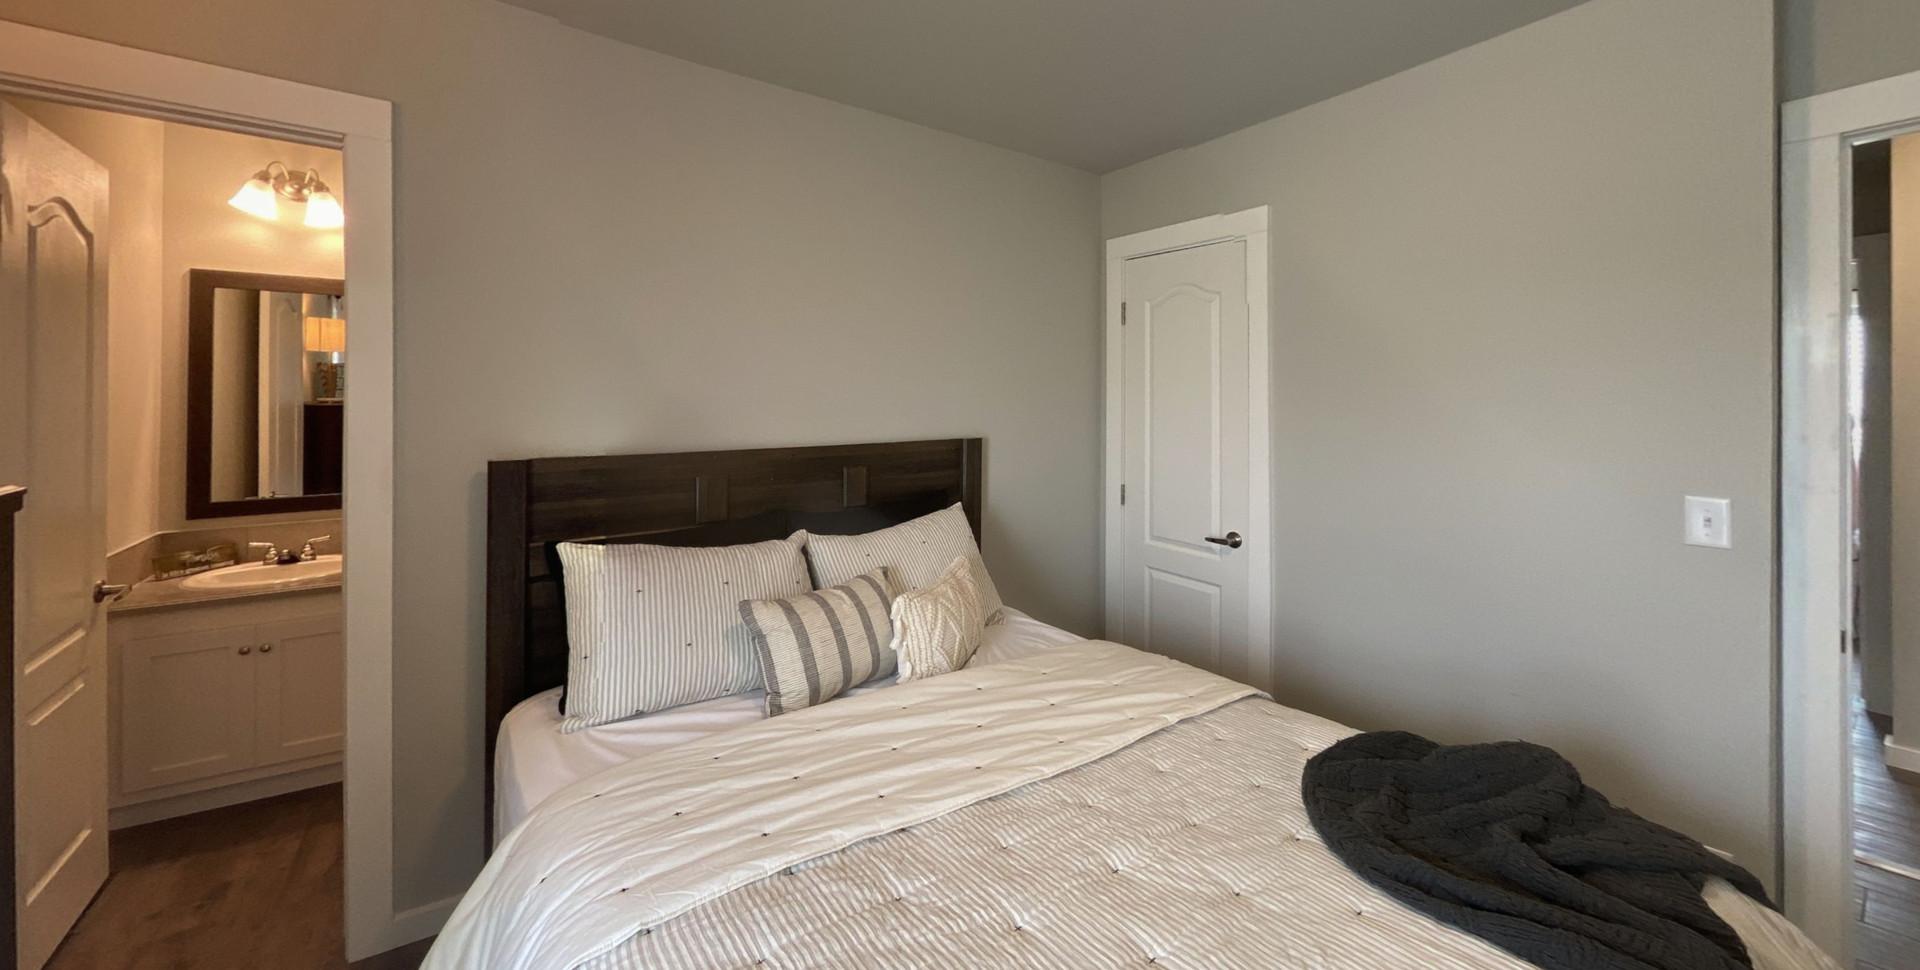 310-Omnia-Bedroom(1).jpg